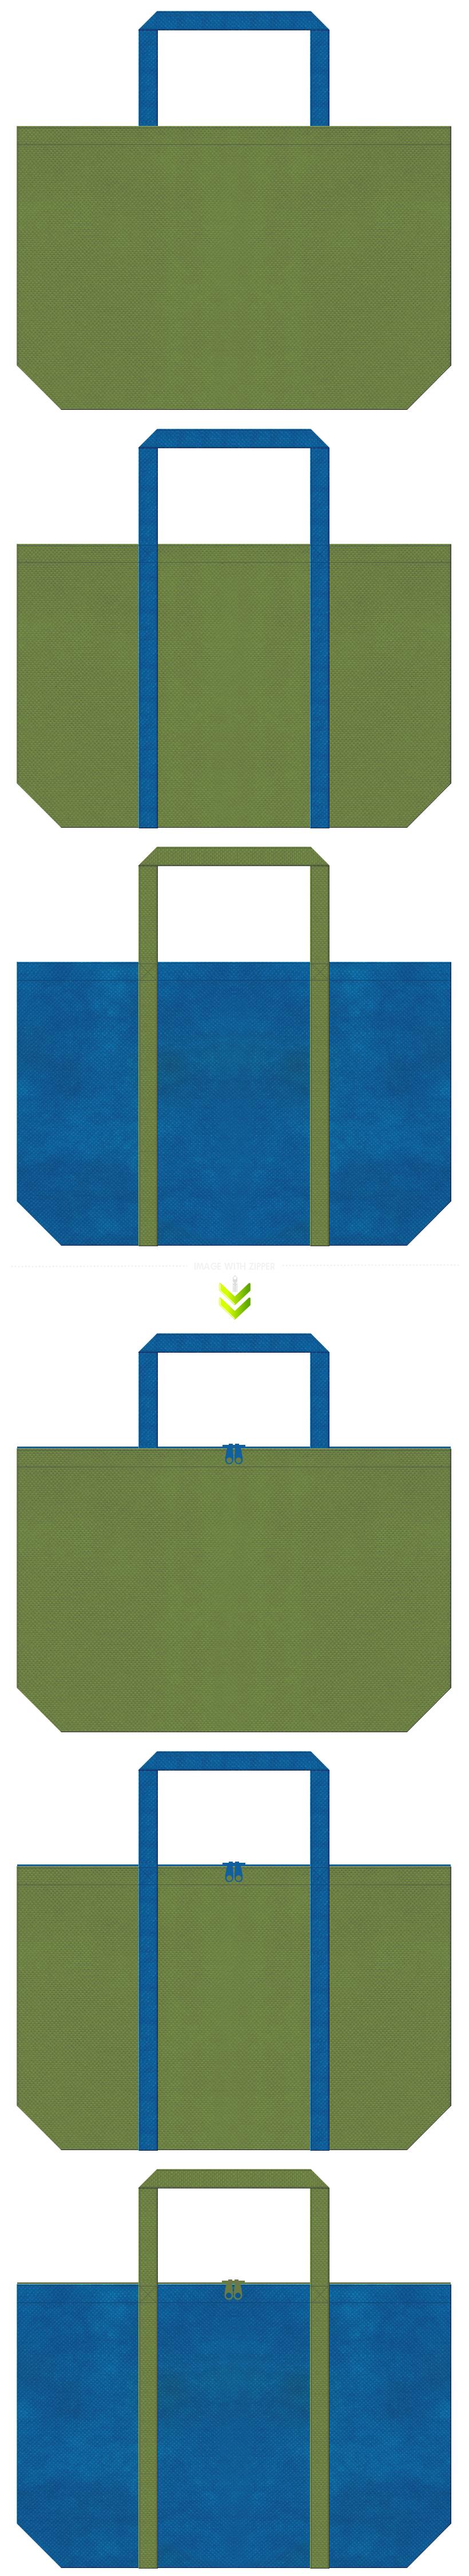 草色と青色の不織布エコバッグデザイン。